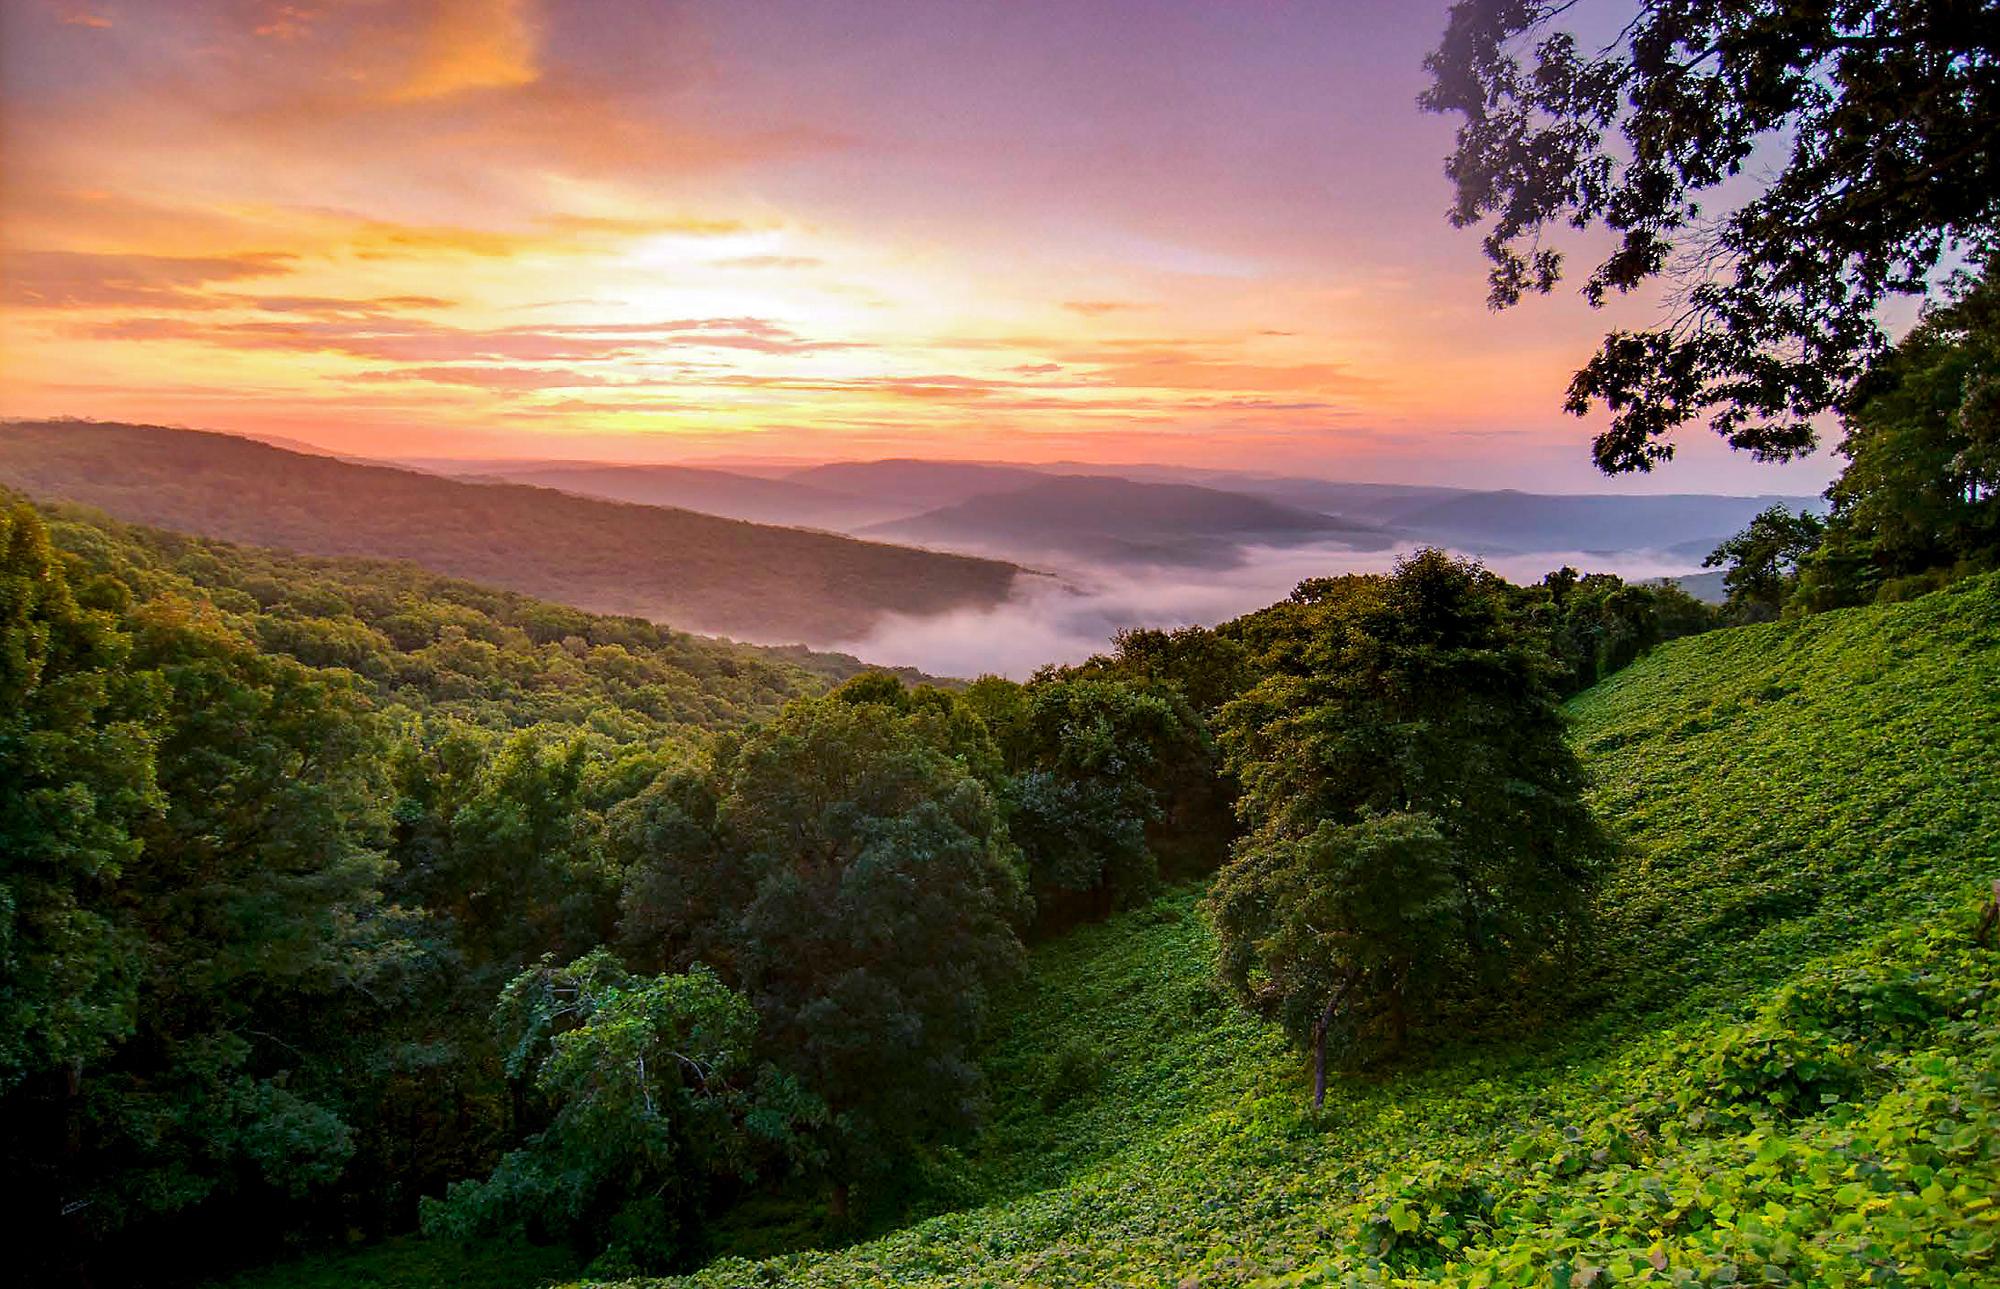 missouri-ozark-mountains-hillside-sunrise.jpeg